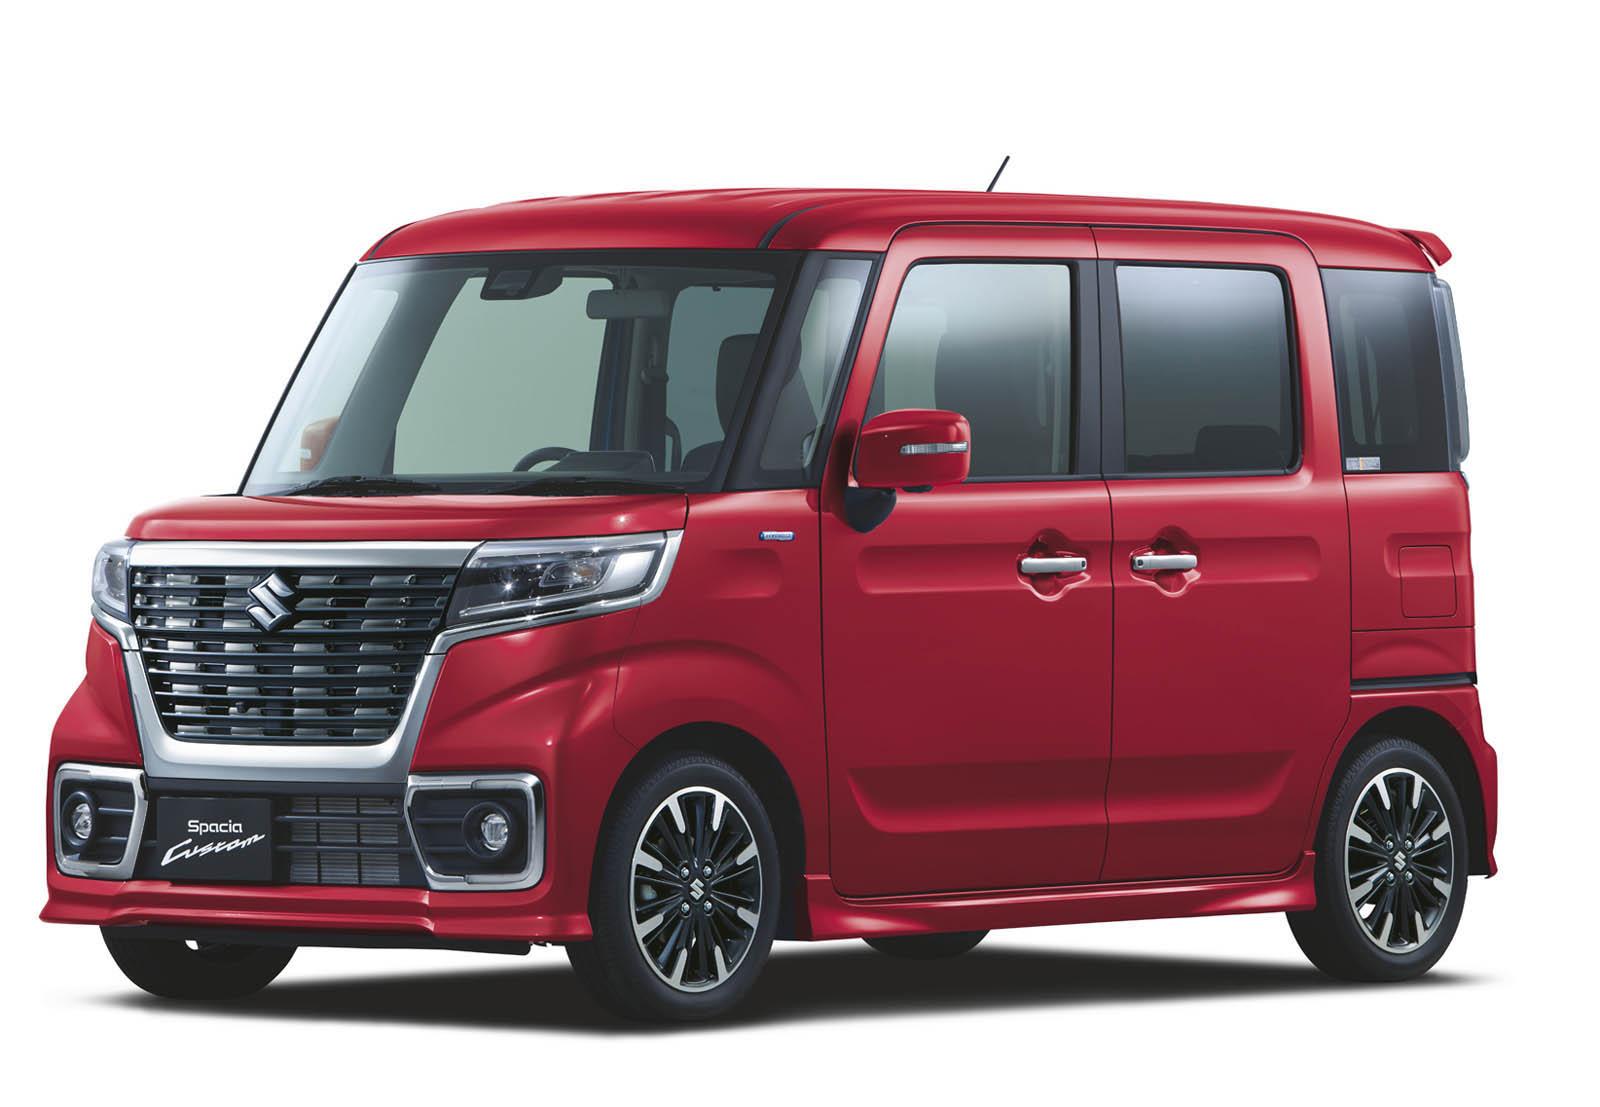 Suzuki Spacia 2018 (26)